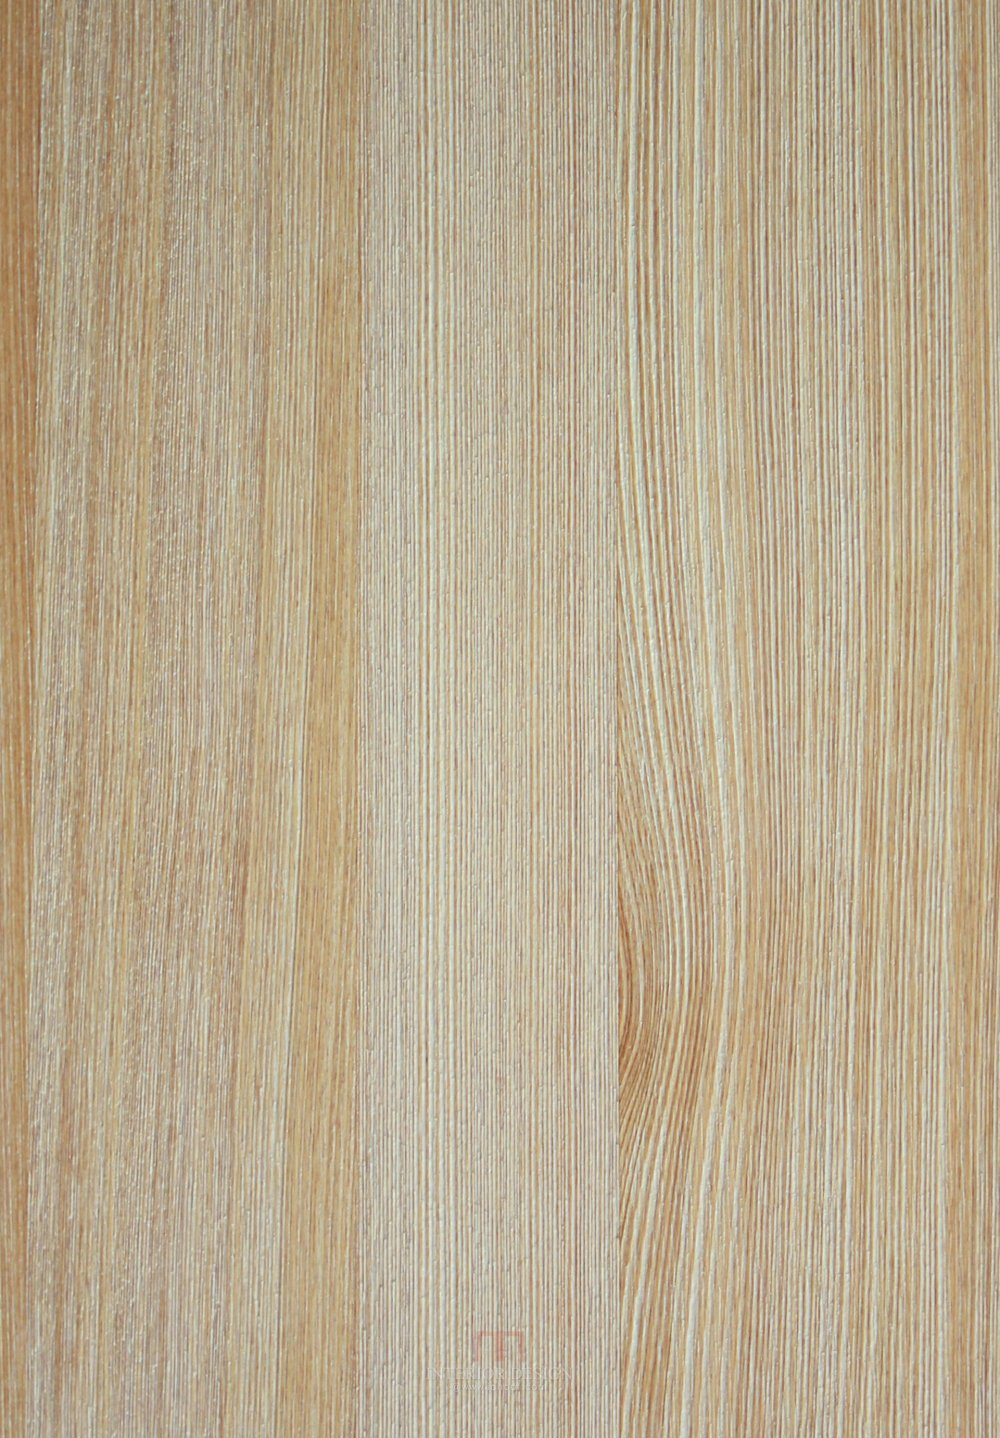 K6196IN_檜木噴砂自然拼.jpg